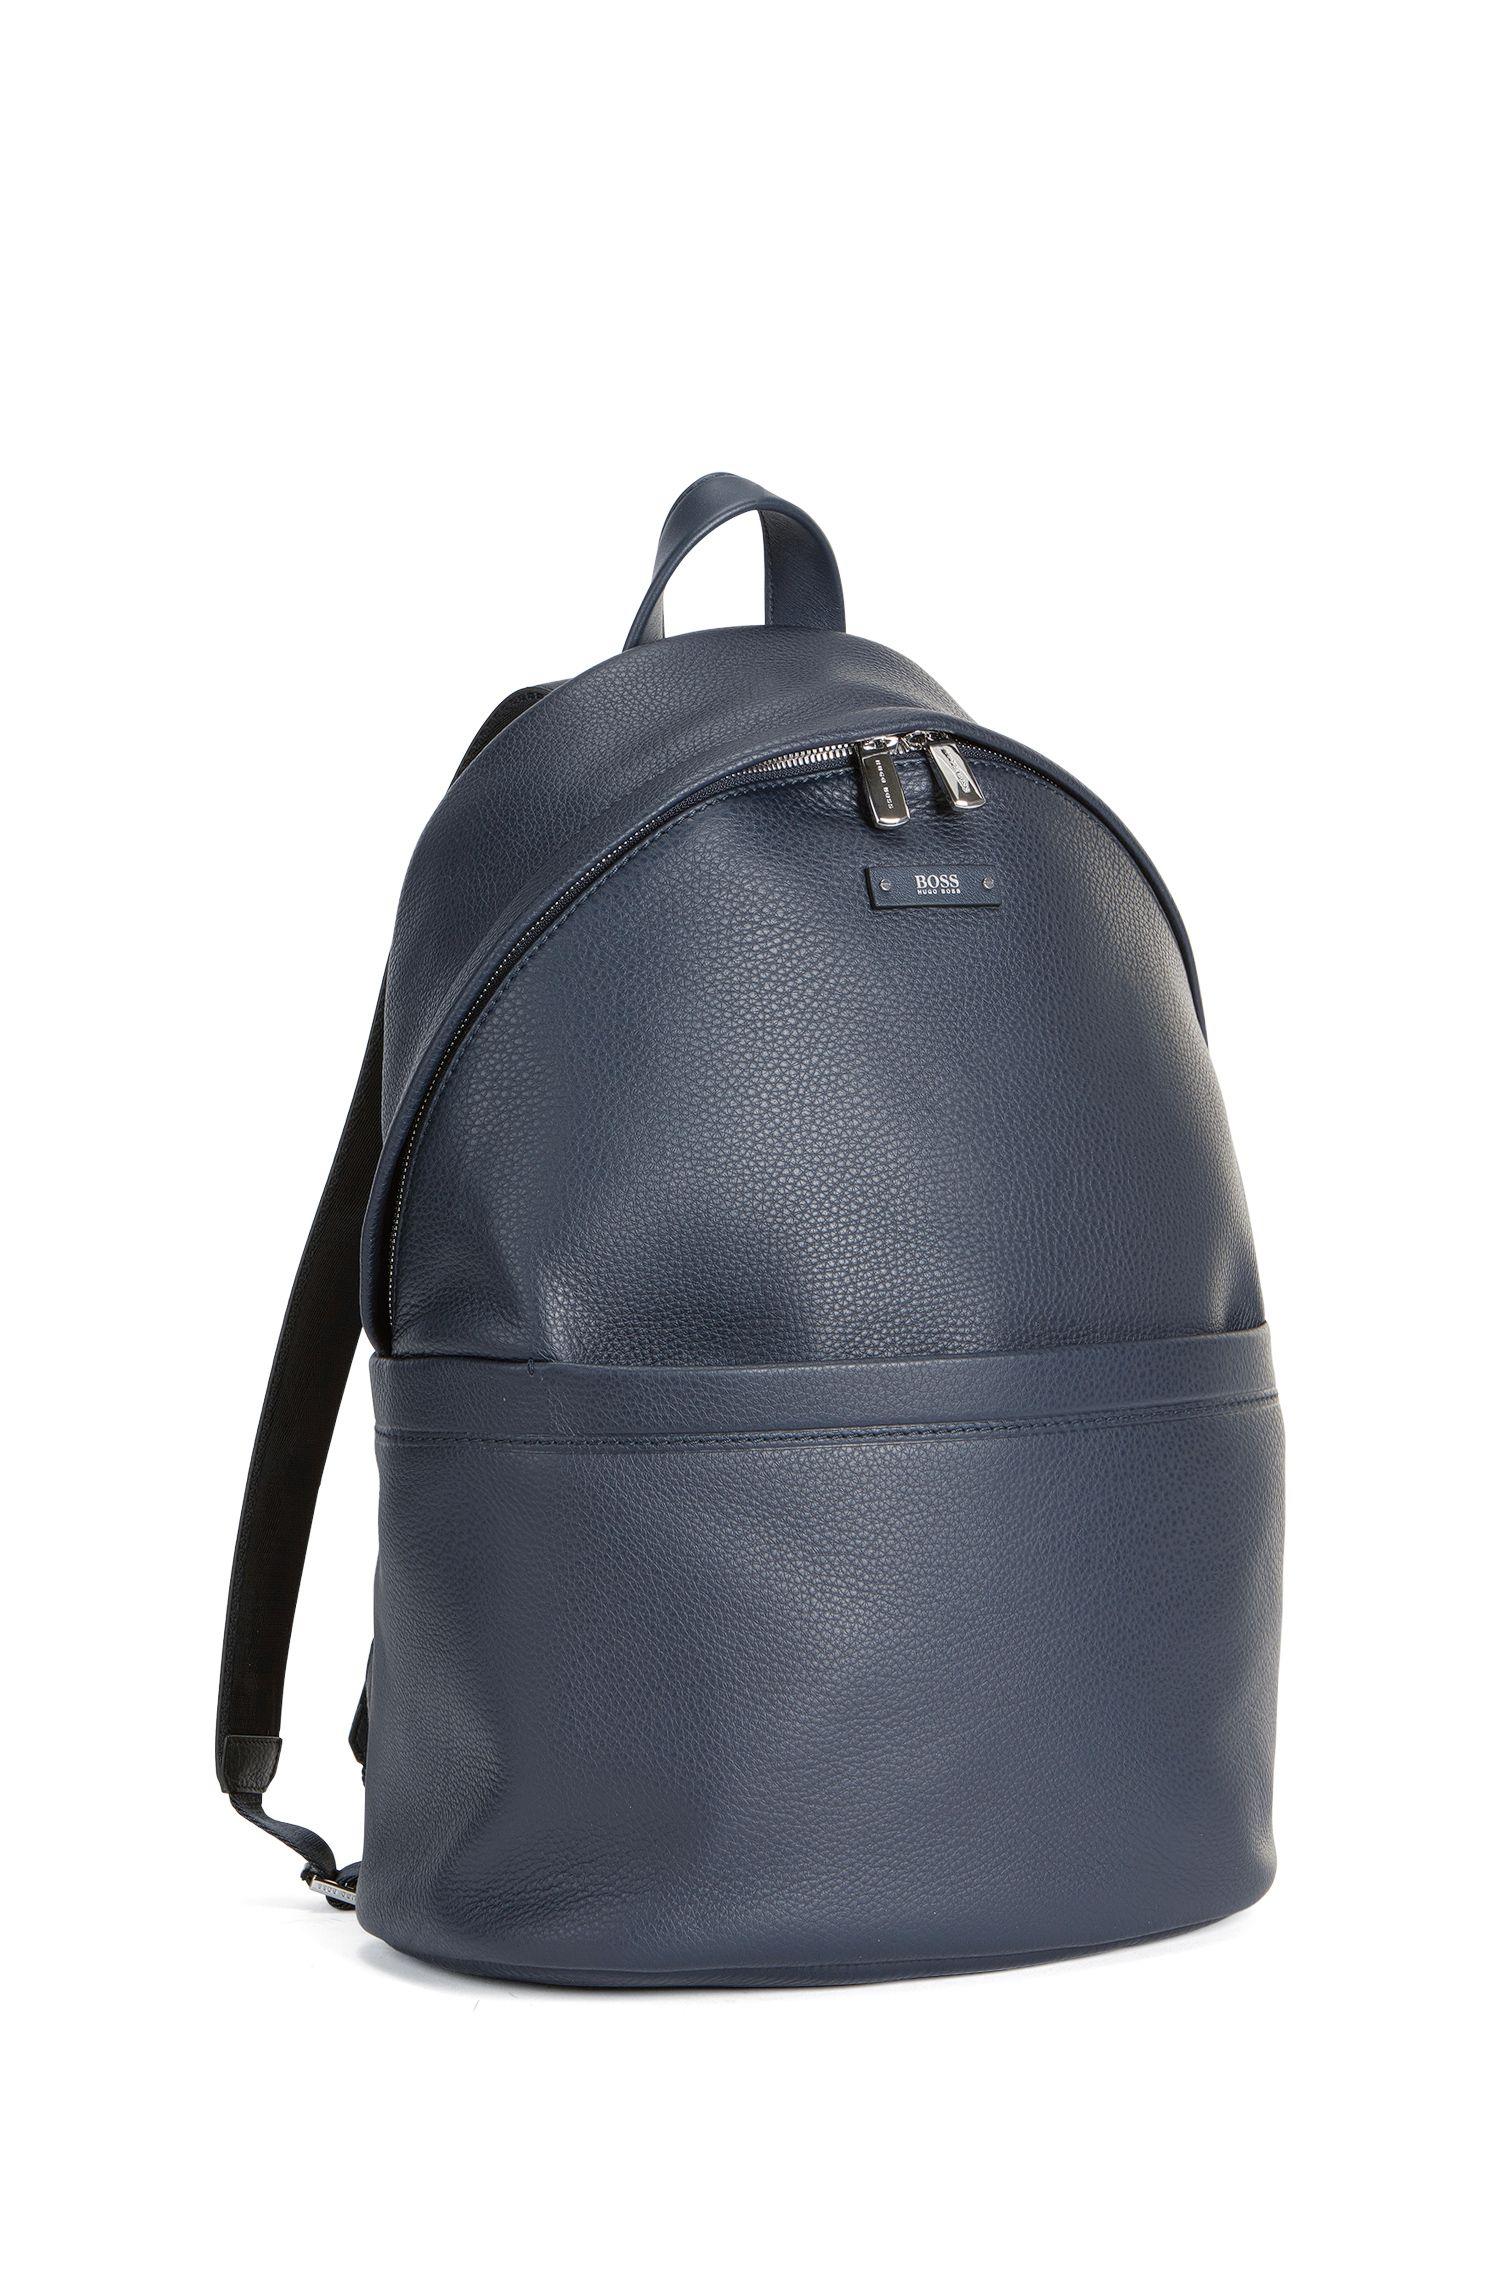 Leather Backpack | Traveller Backpack, Dark Blue